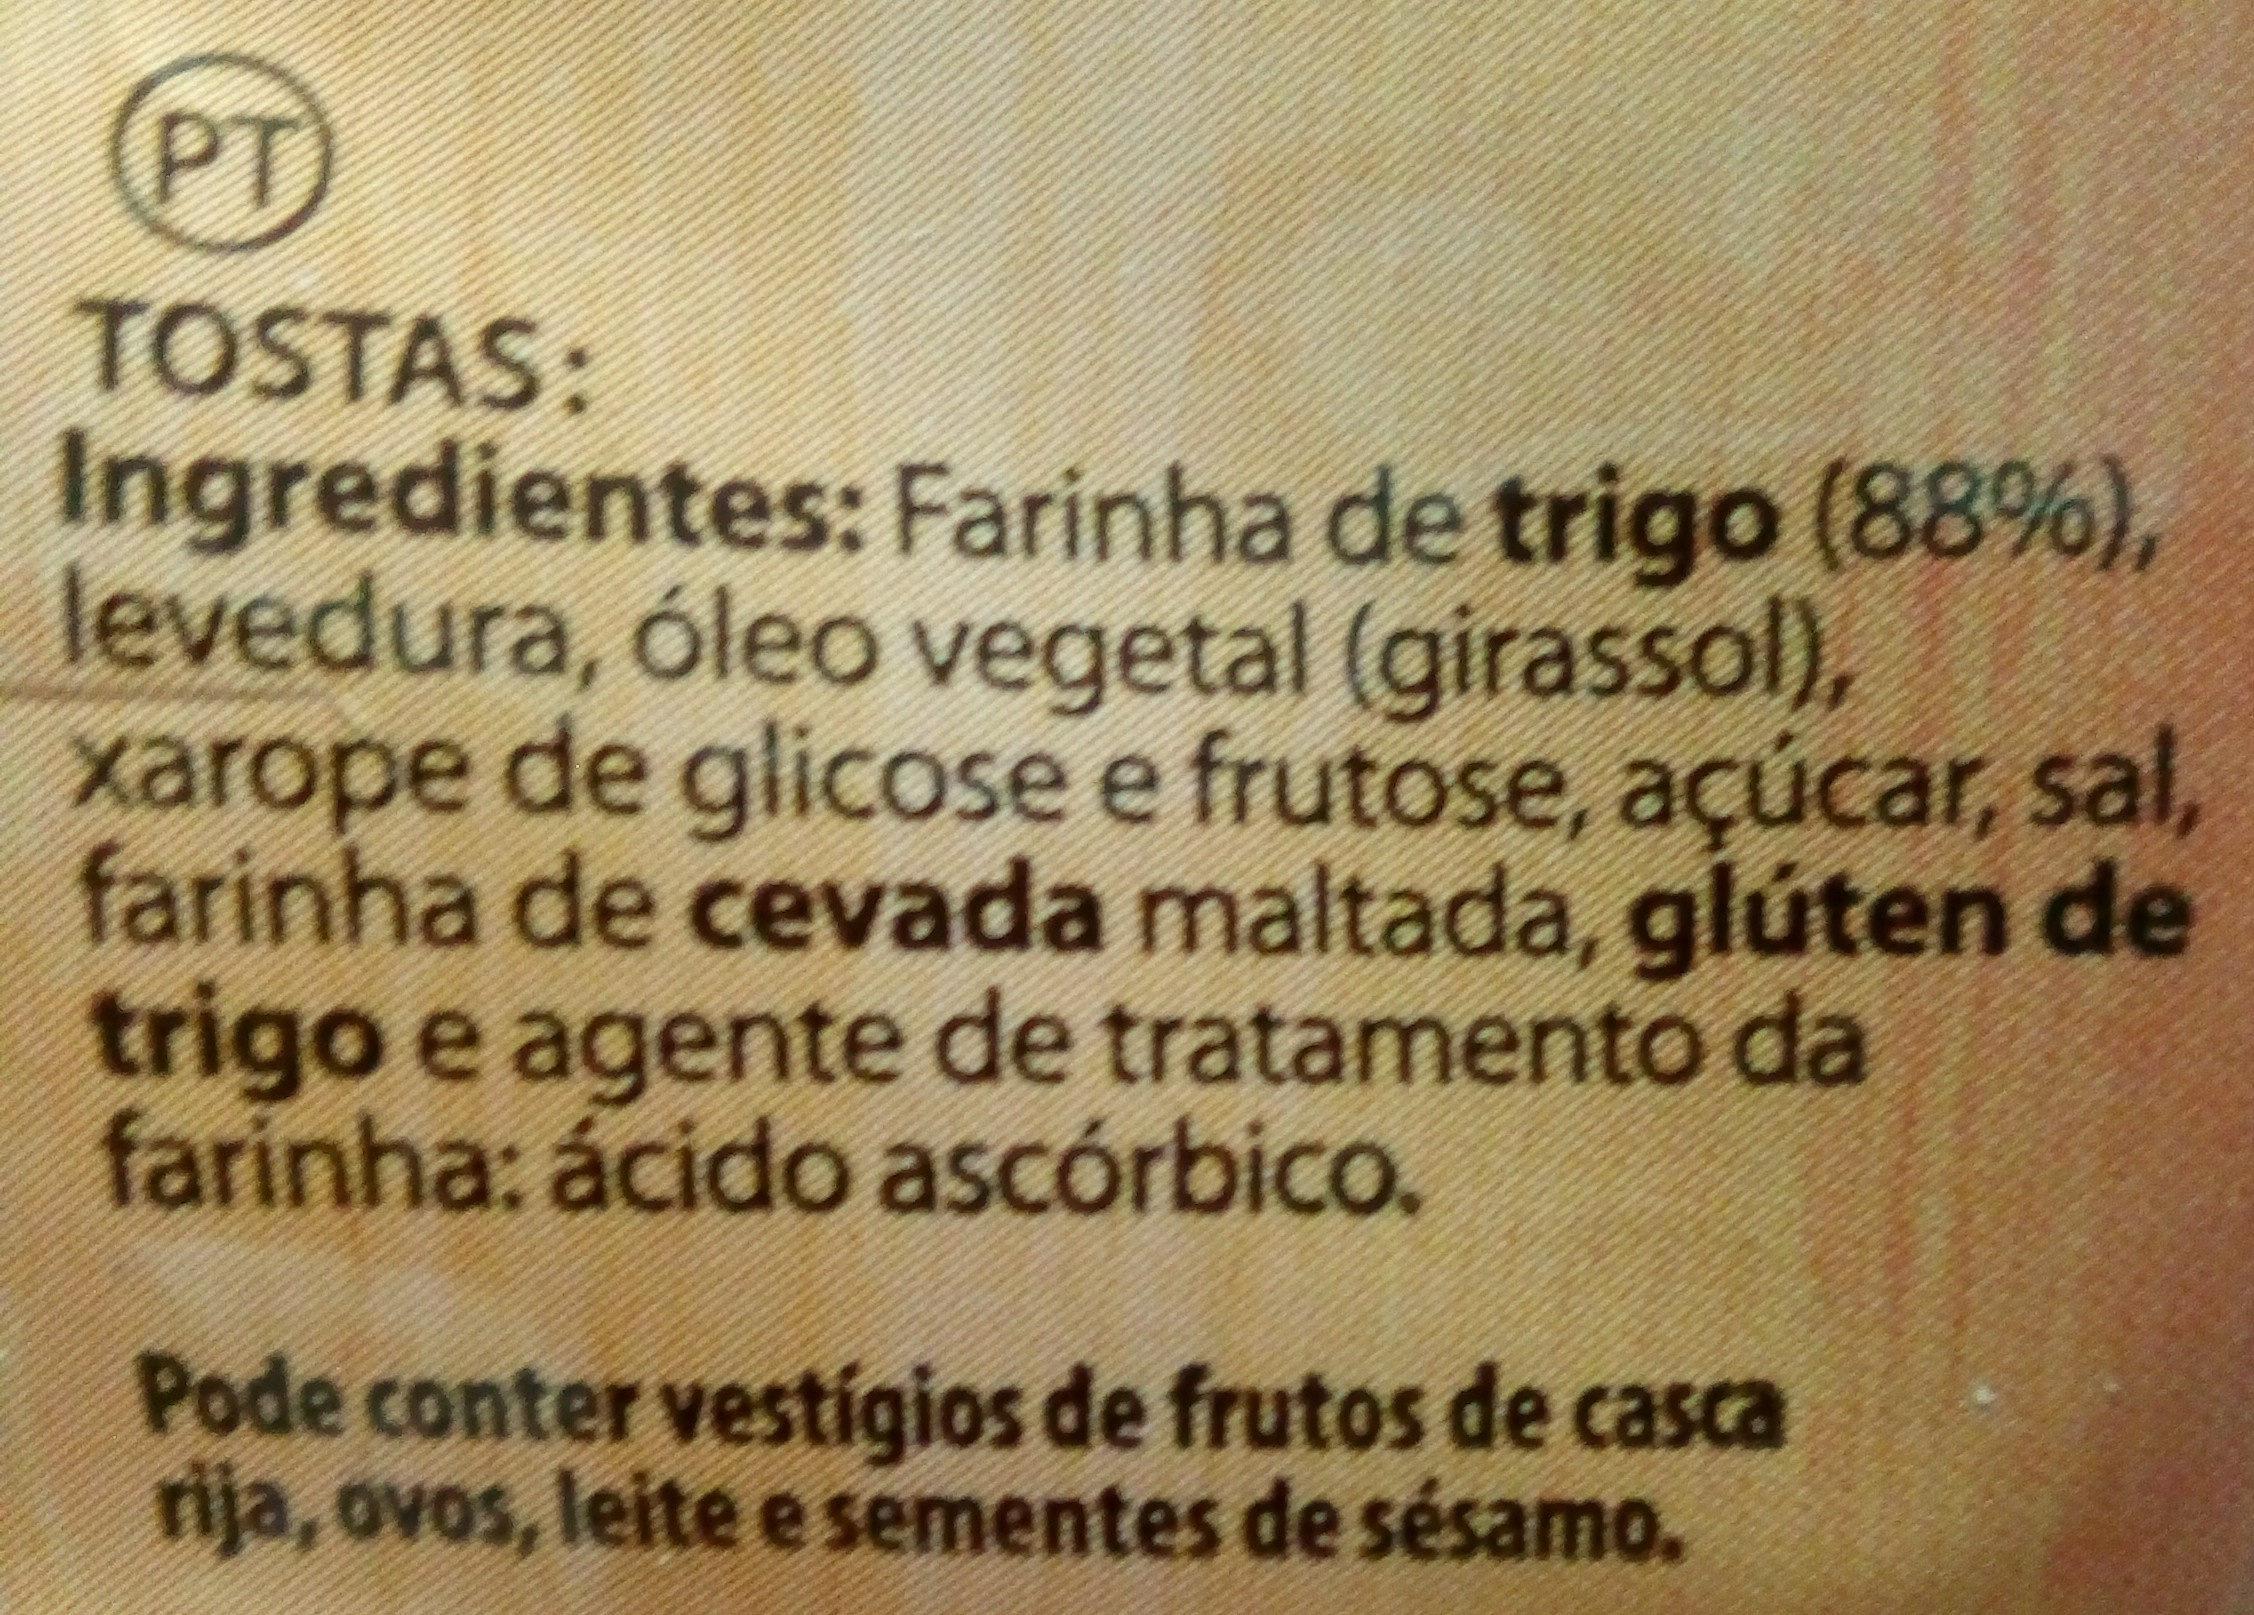 Tostadas - Ingredients - pt